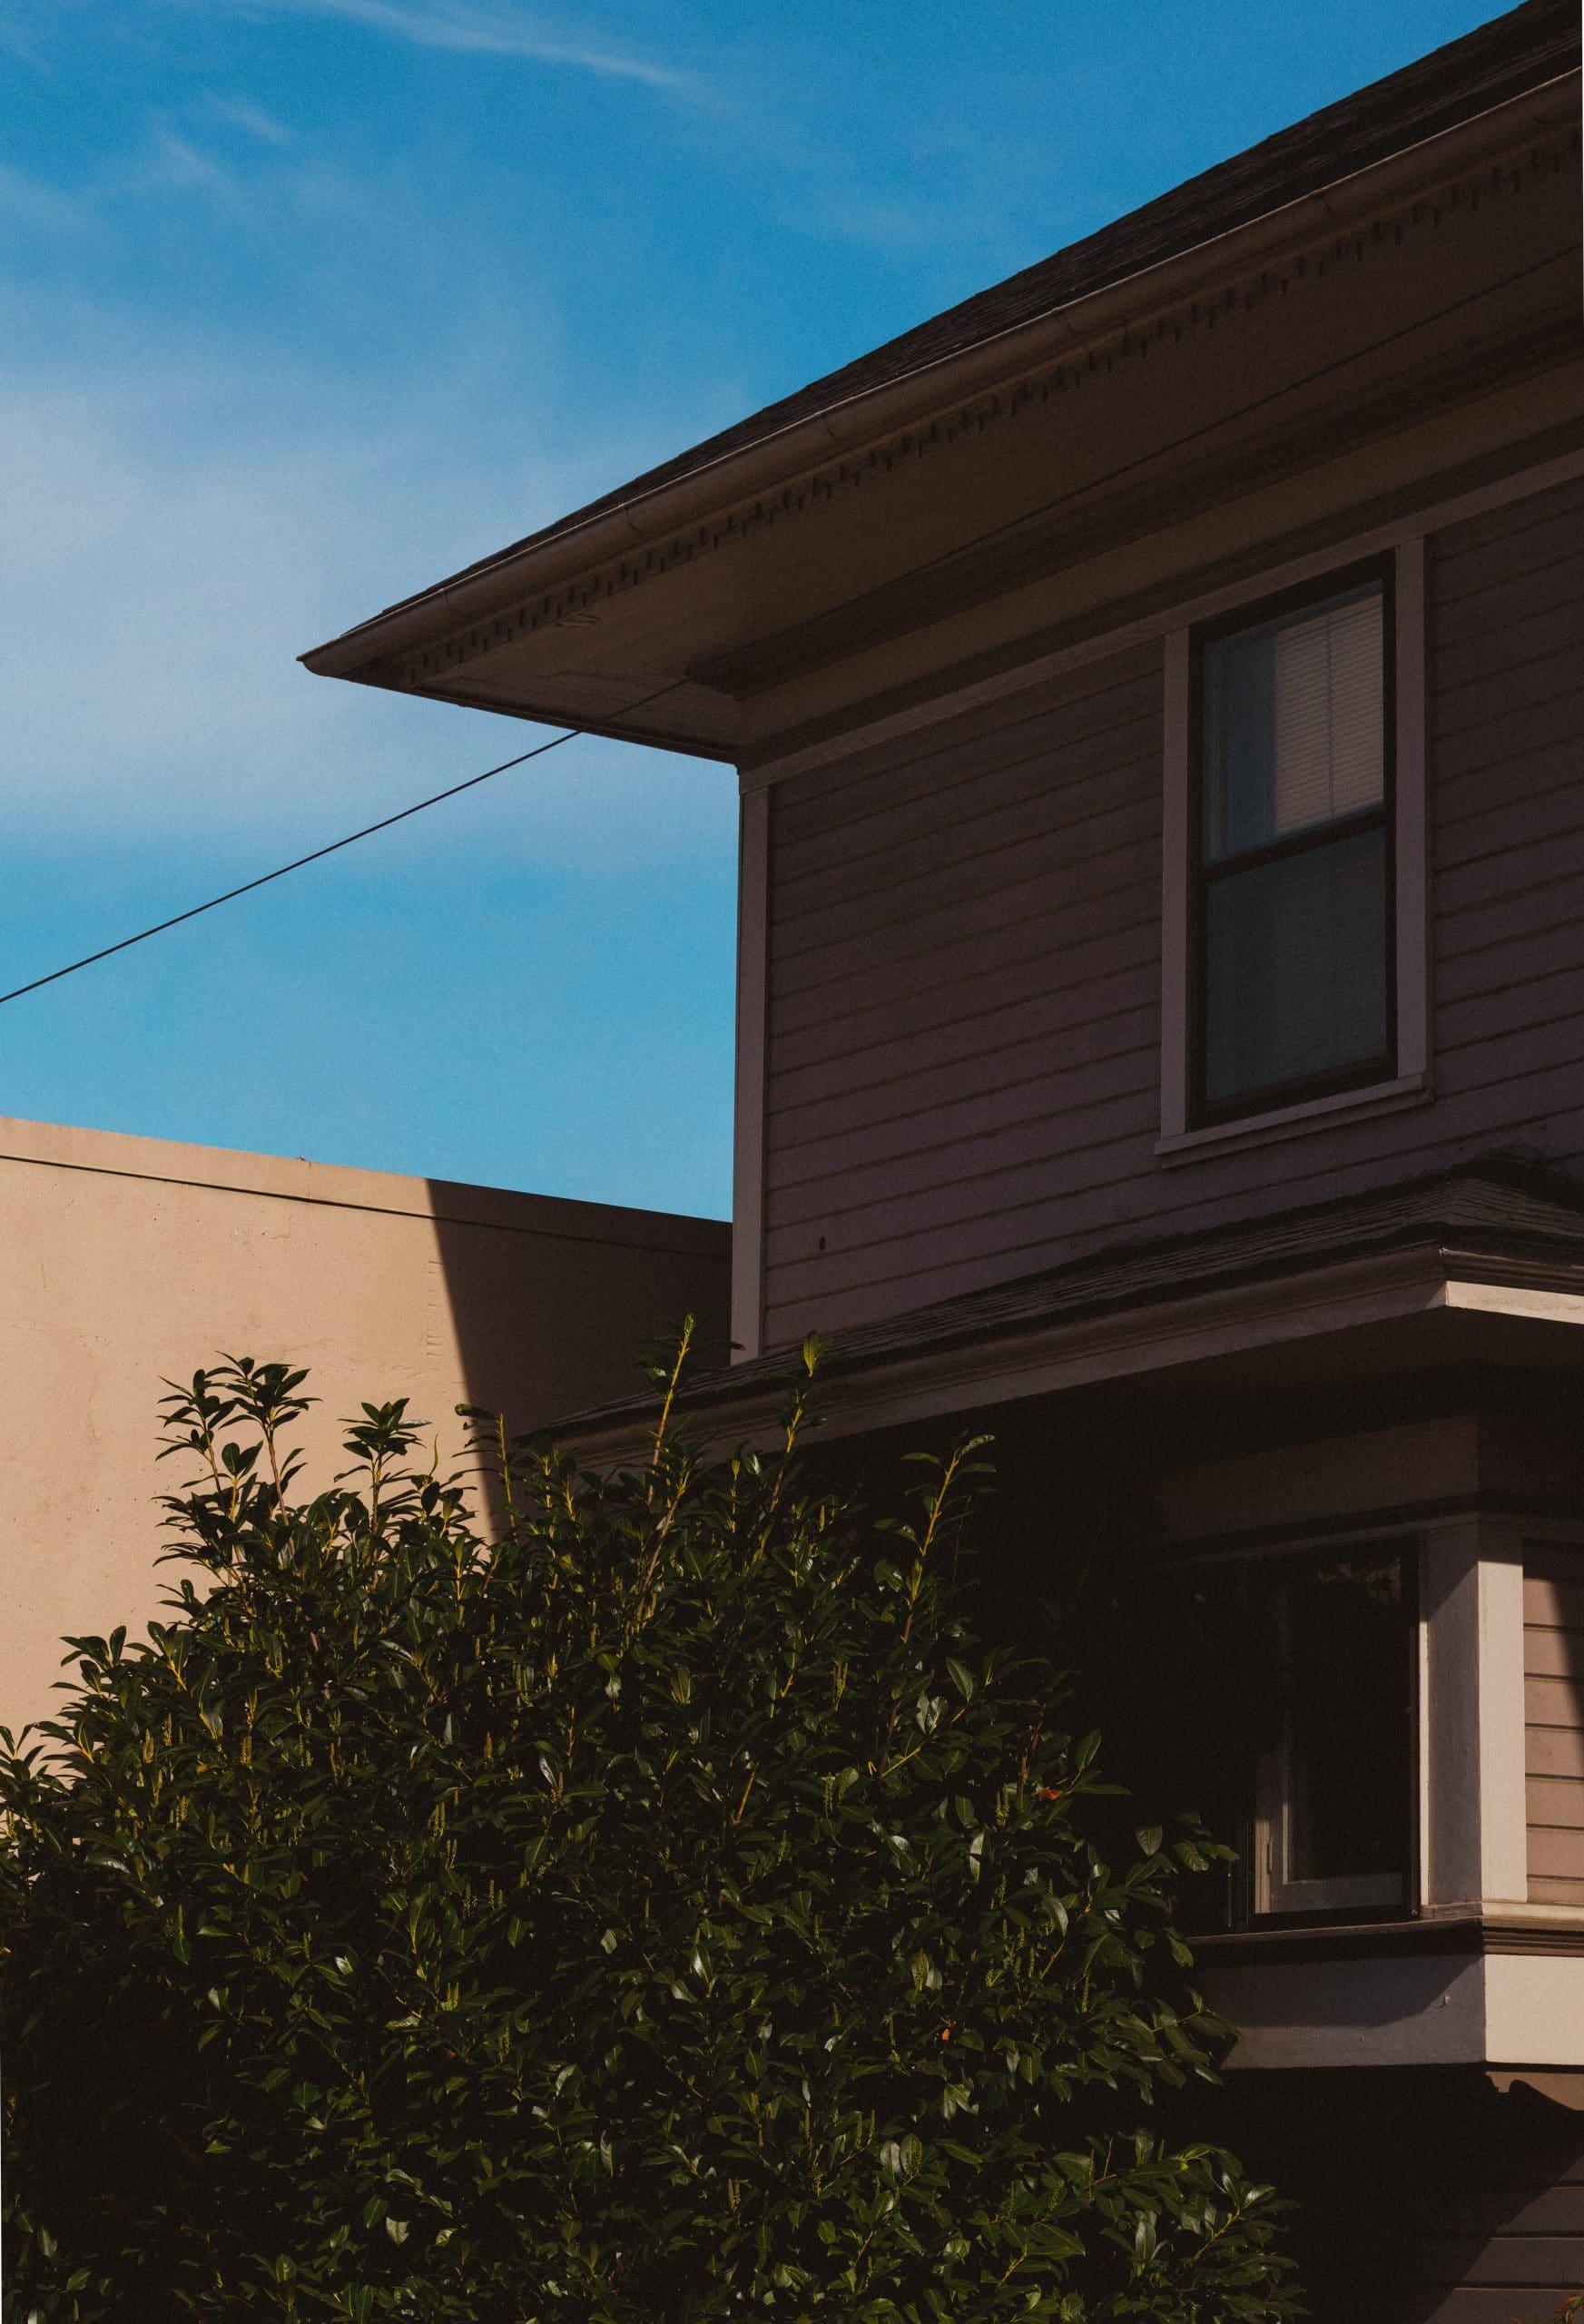 Maison avec un bardage bois